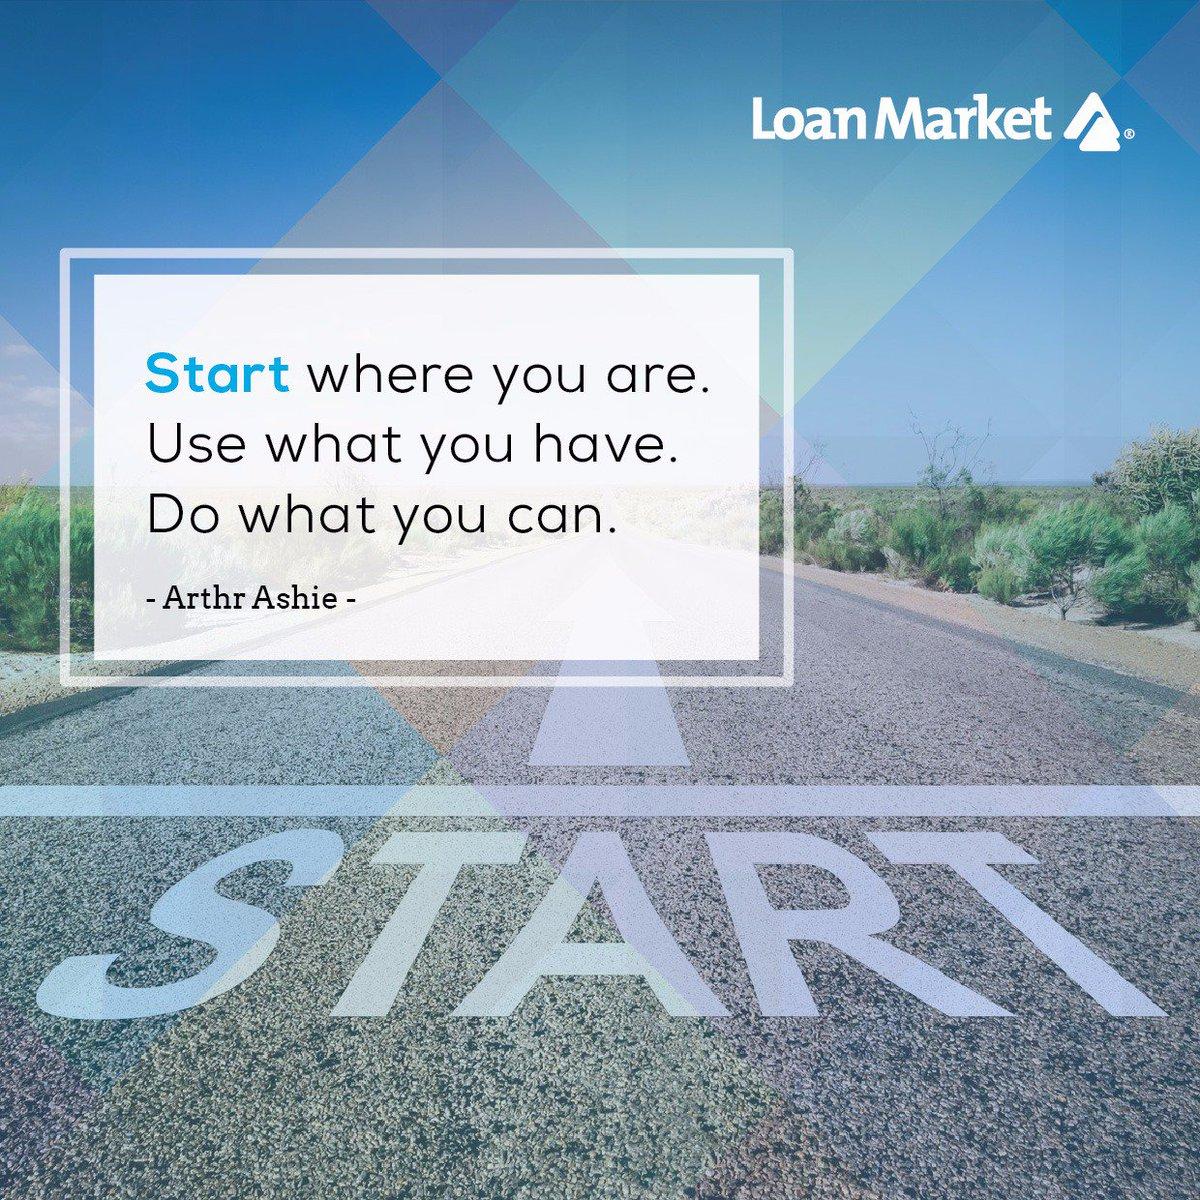 Good Morning my dear friends!  Sari's quote of the day!  Start where you are.  Use what you have.  Do what you can.  Mulai dari mana Anda berada. Gunakan apa yang Anda punya Lakukan apa yang Anda bisa.  Have a fantastic & blessed Friday friends #loanmarketindonesia pic.twitter.com/sYB0tSW3hl